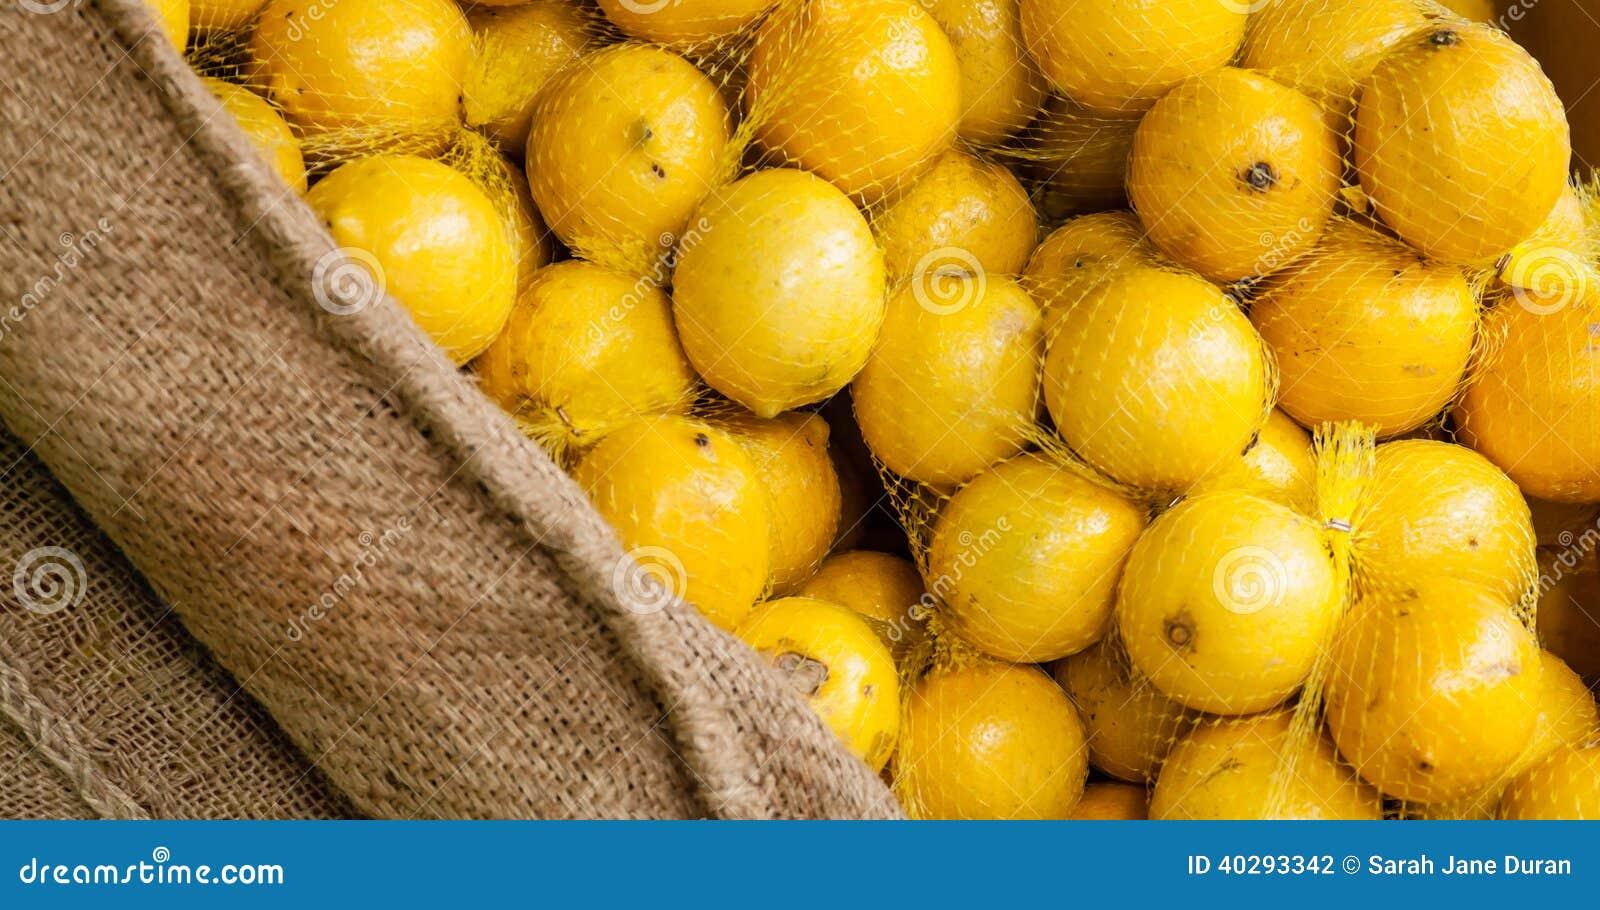 Пуки положенных в мешки лимонов в дисплее мешковины